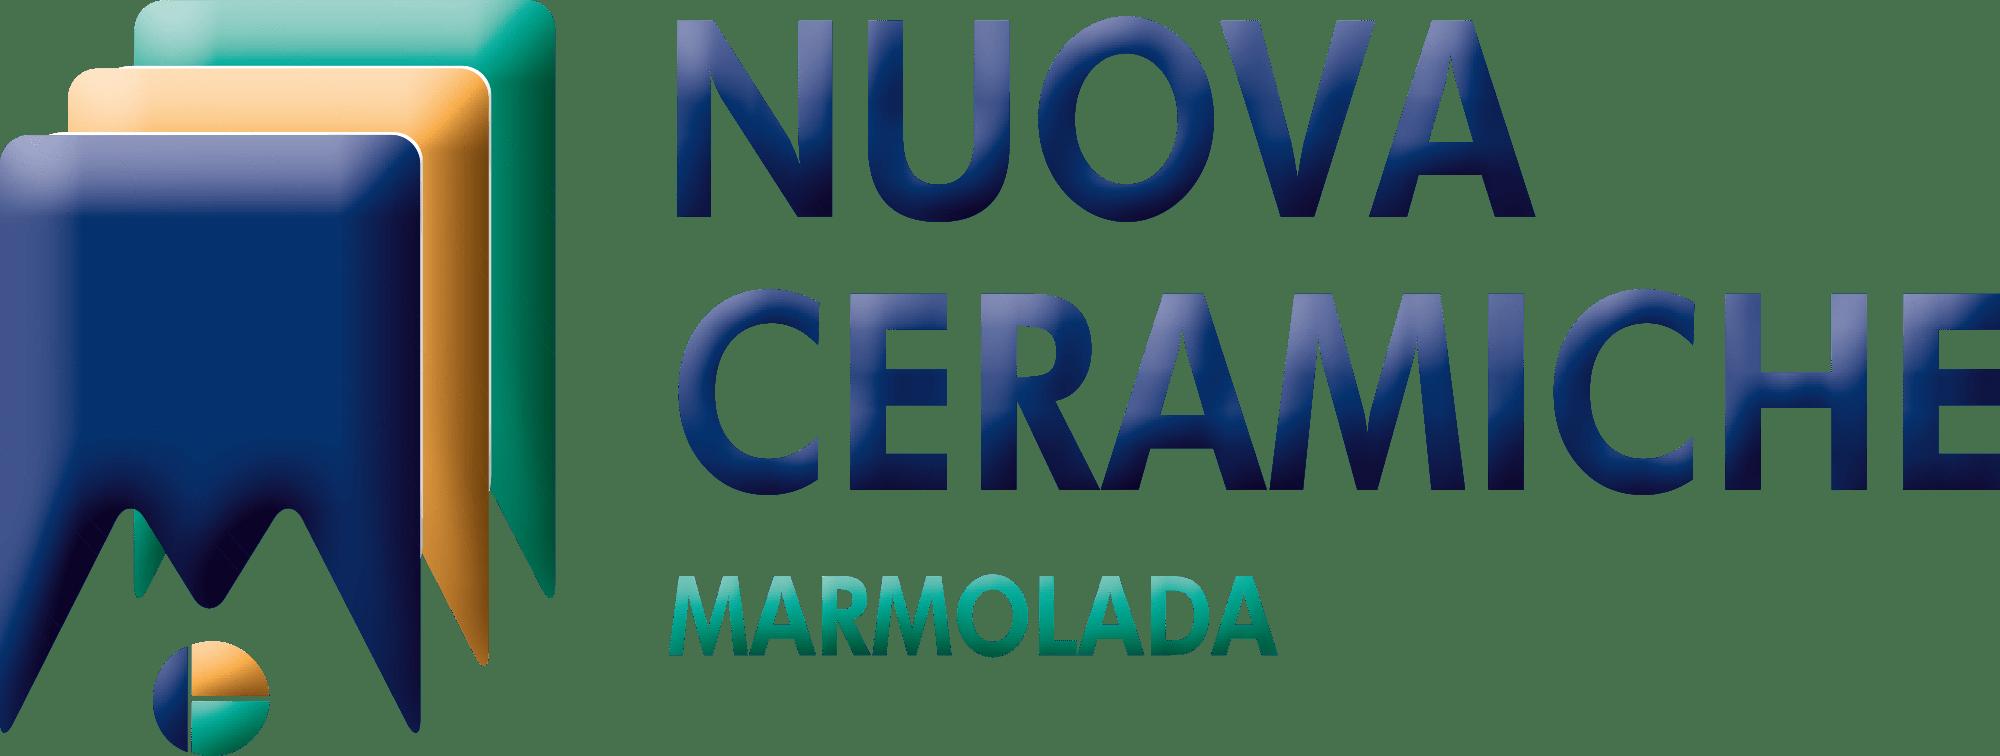 Nuova Ceramiche Marmolada